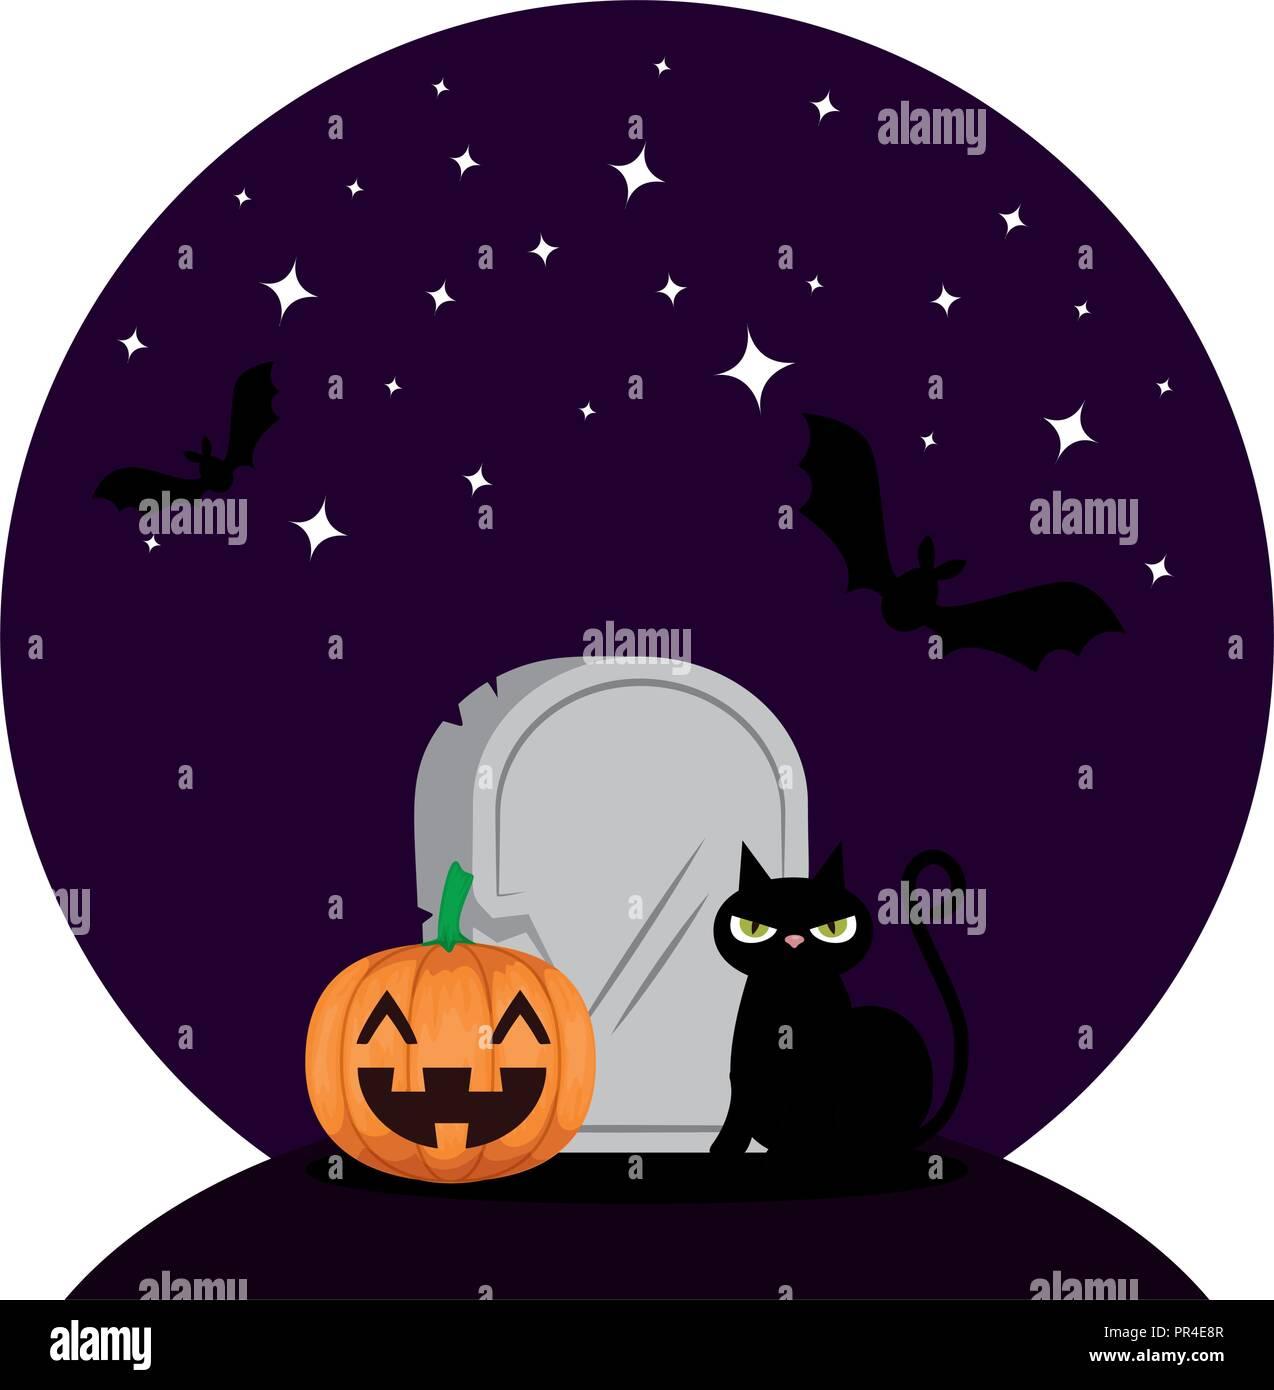 Zucca Halloween Gatto.Halloween Gatto Nero Con Zucca Nella Notte Illustrazione Vettoriale